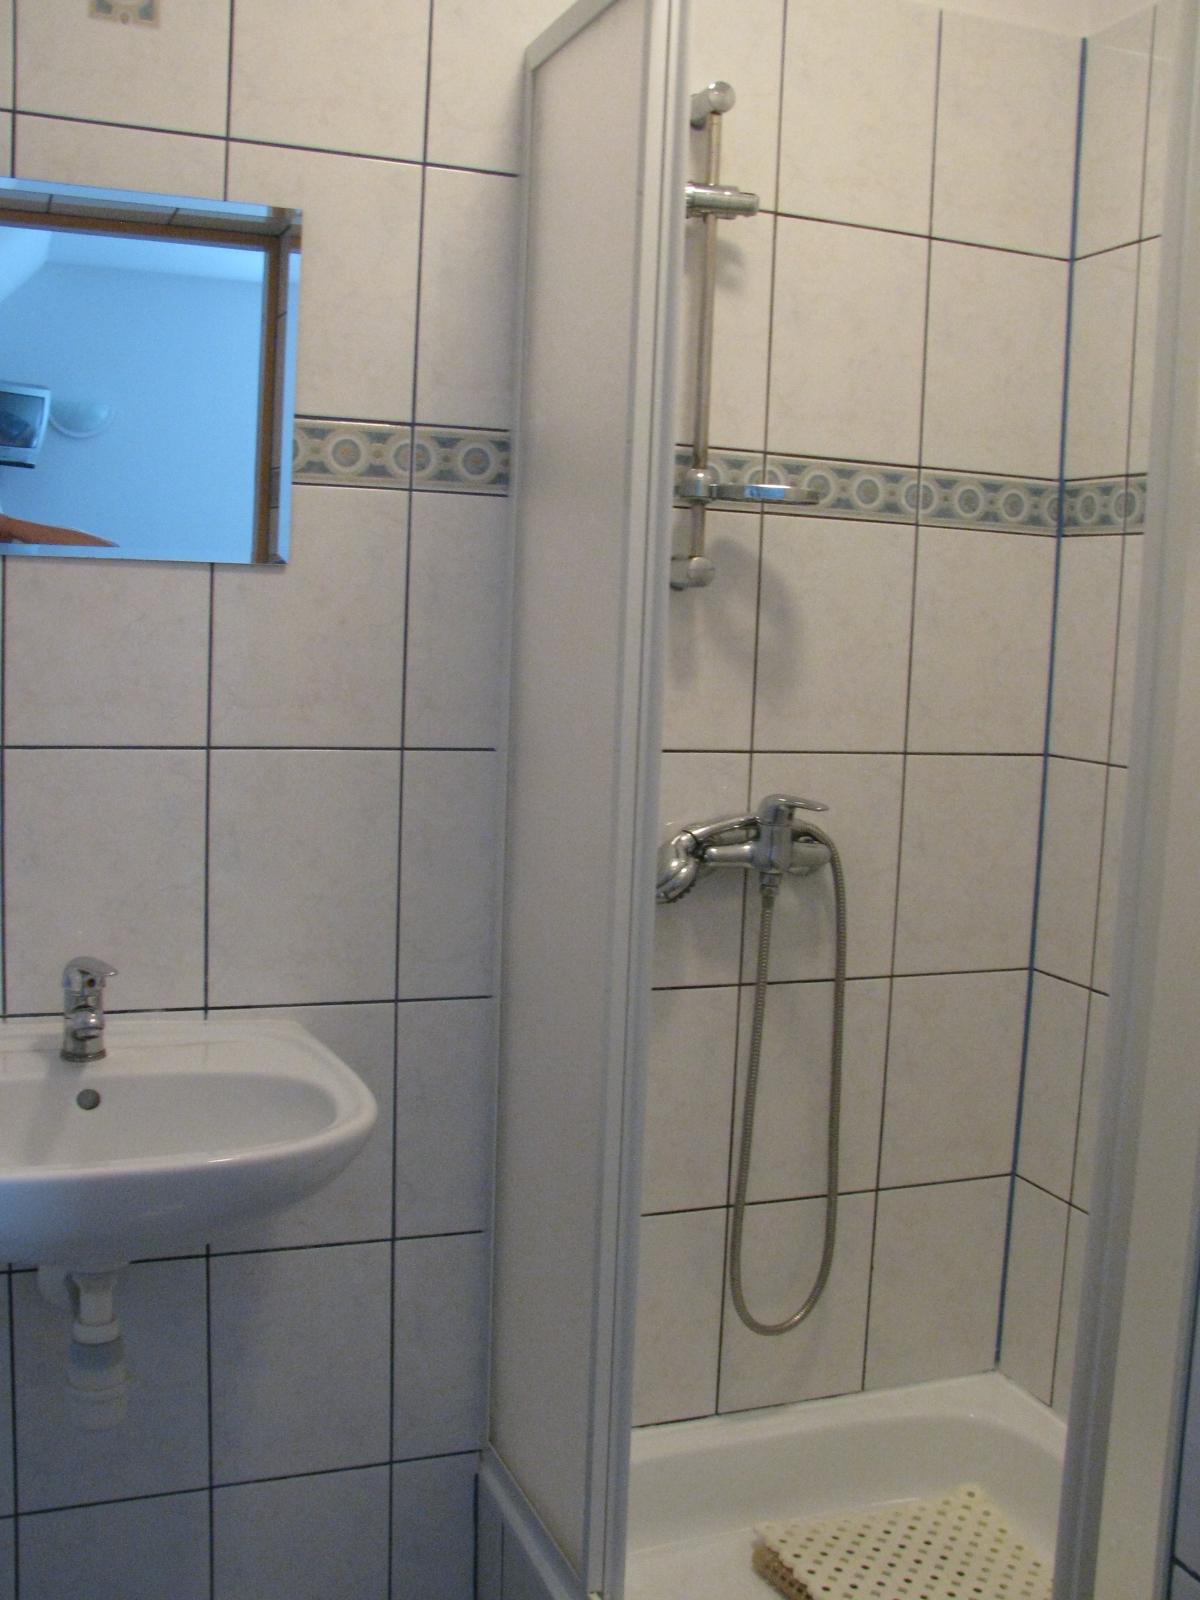 Tanie noclegi Jarosławiec noclegi nad morzem łazienka pokoju 6